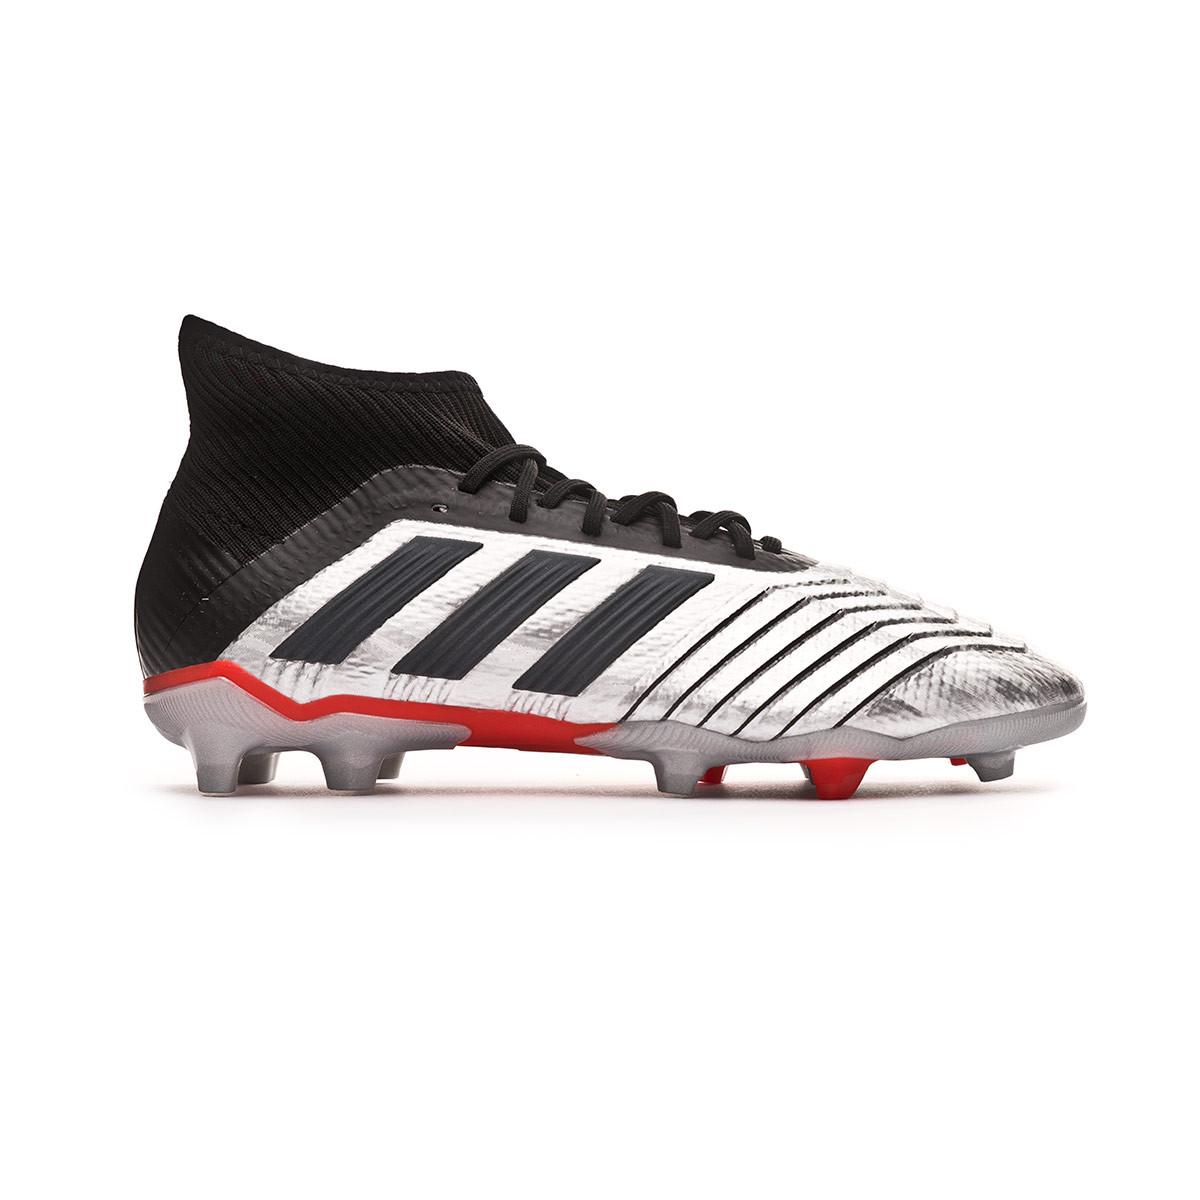 scarpe adidas bambino calcio